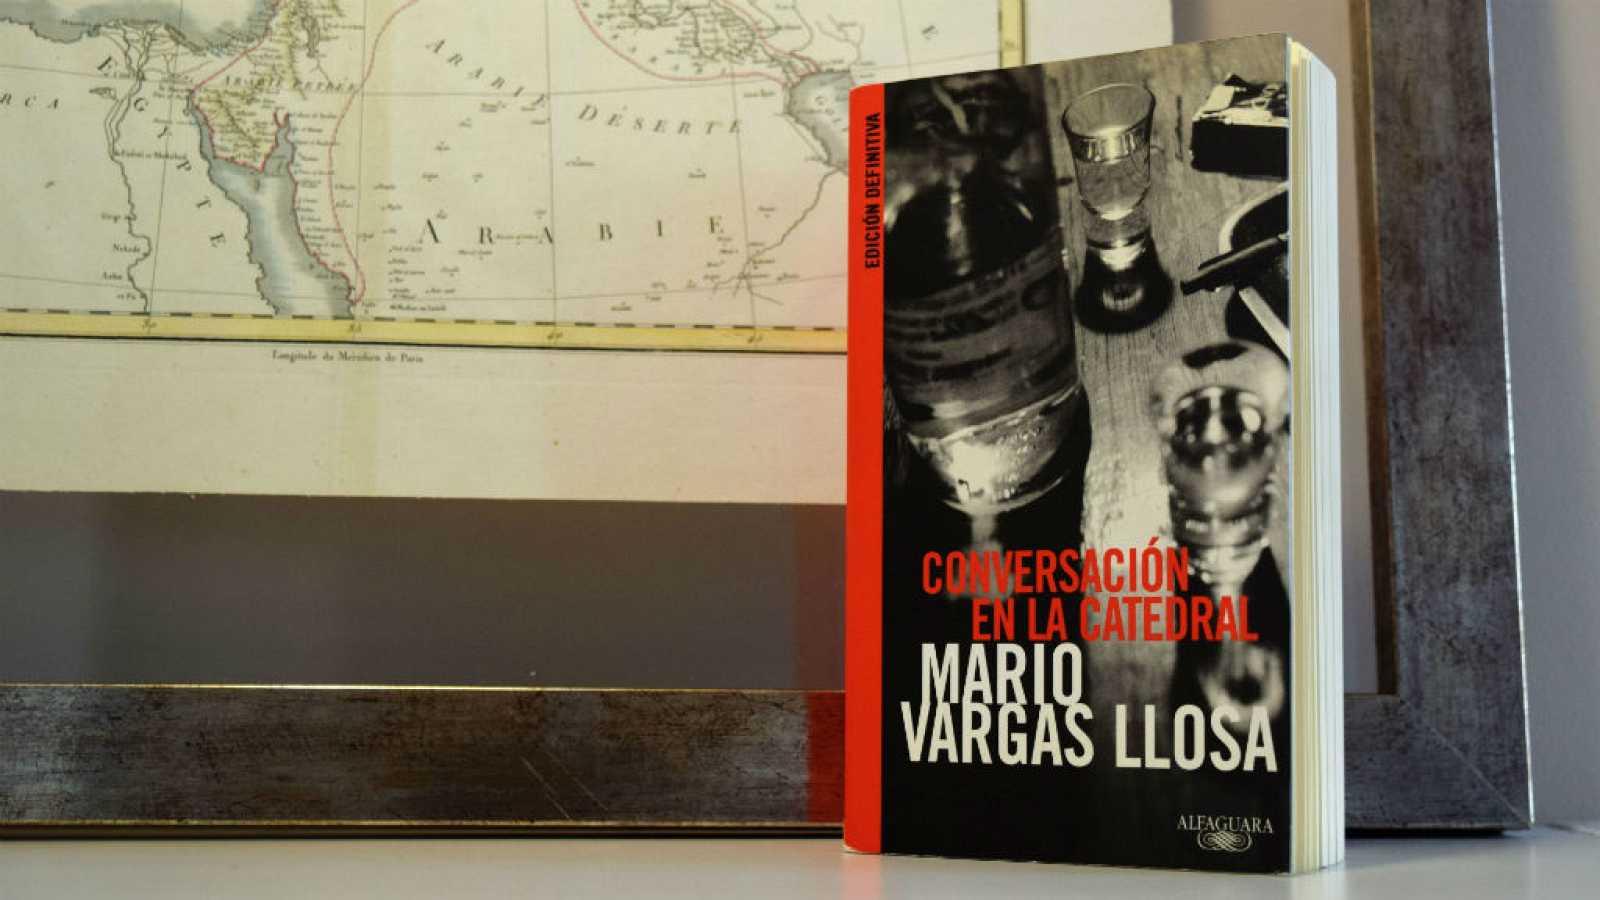 Oxiana - Mario Vargas Llosa   Conversación en la catedral - Escuchar ahora